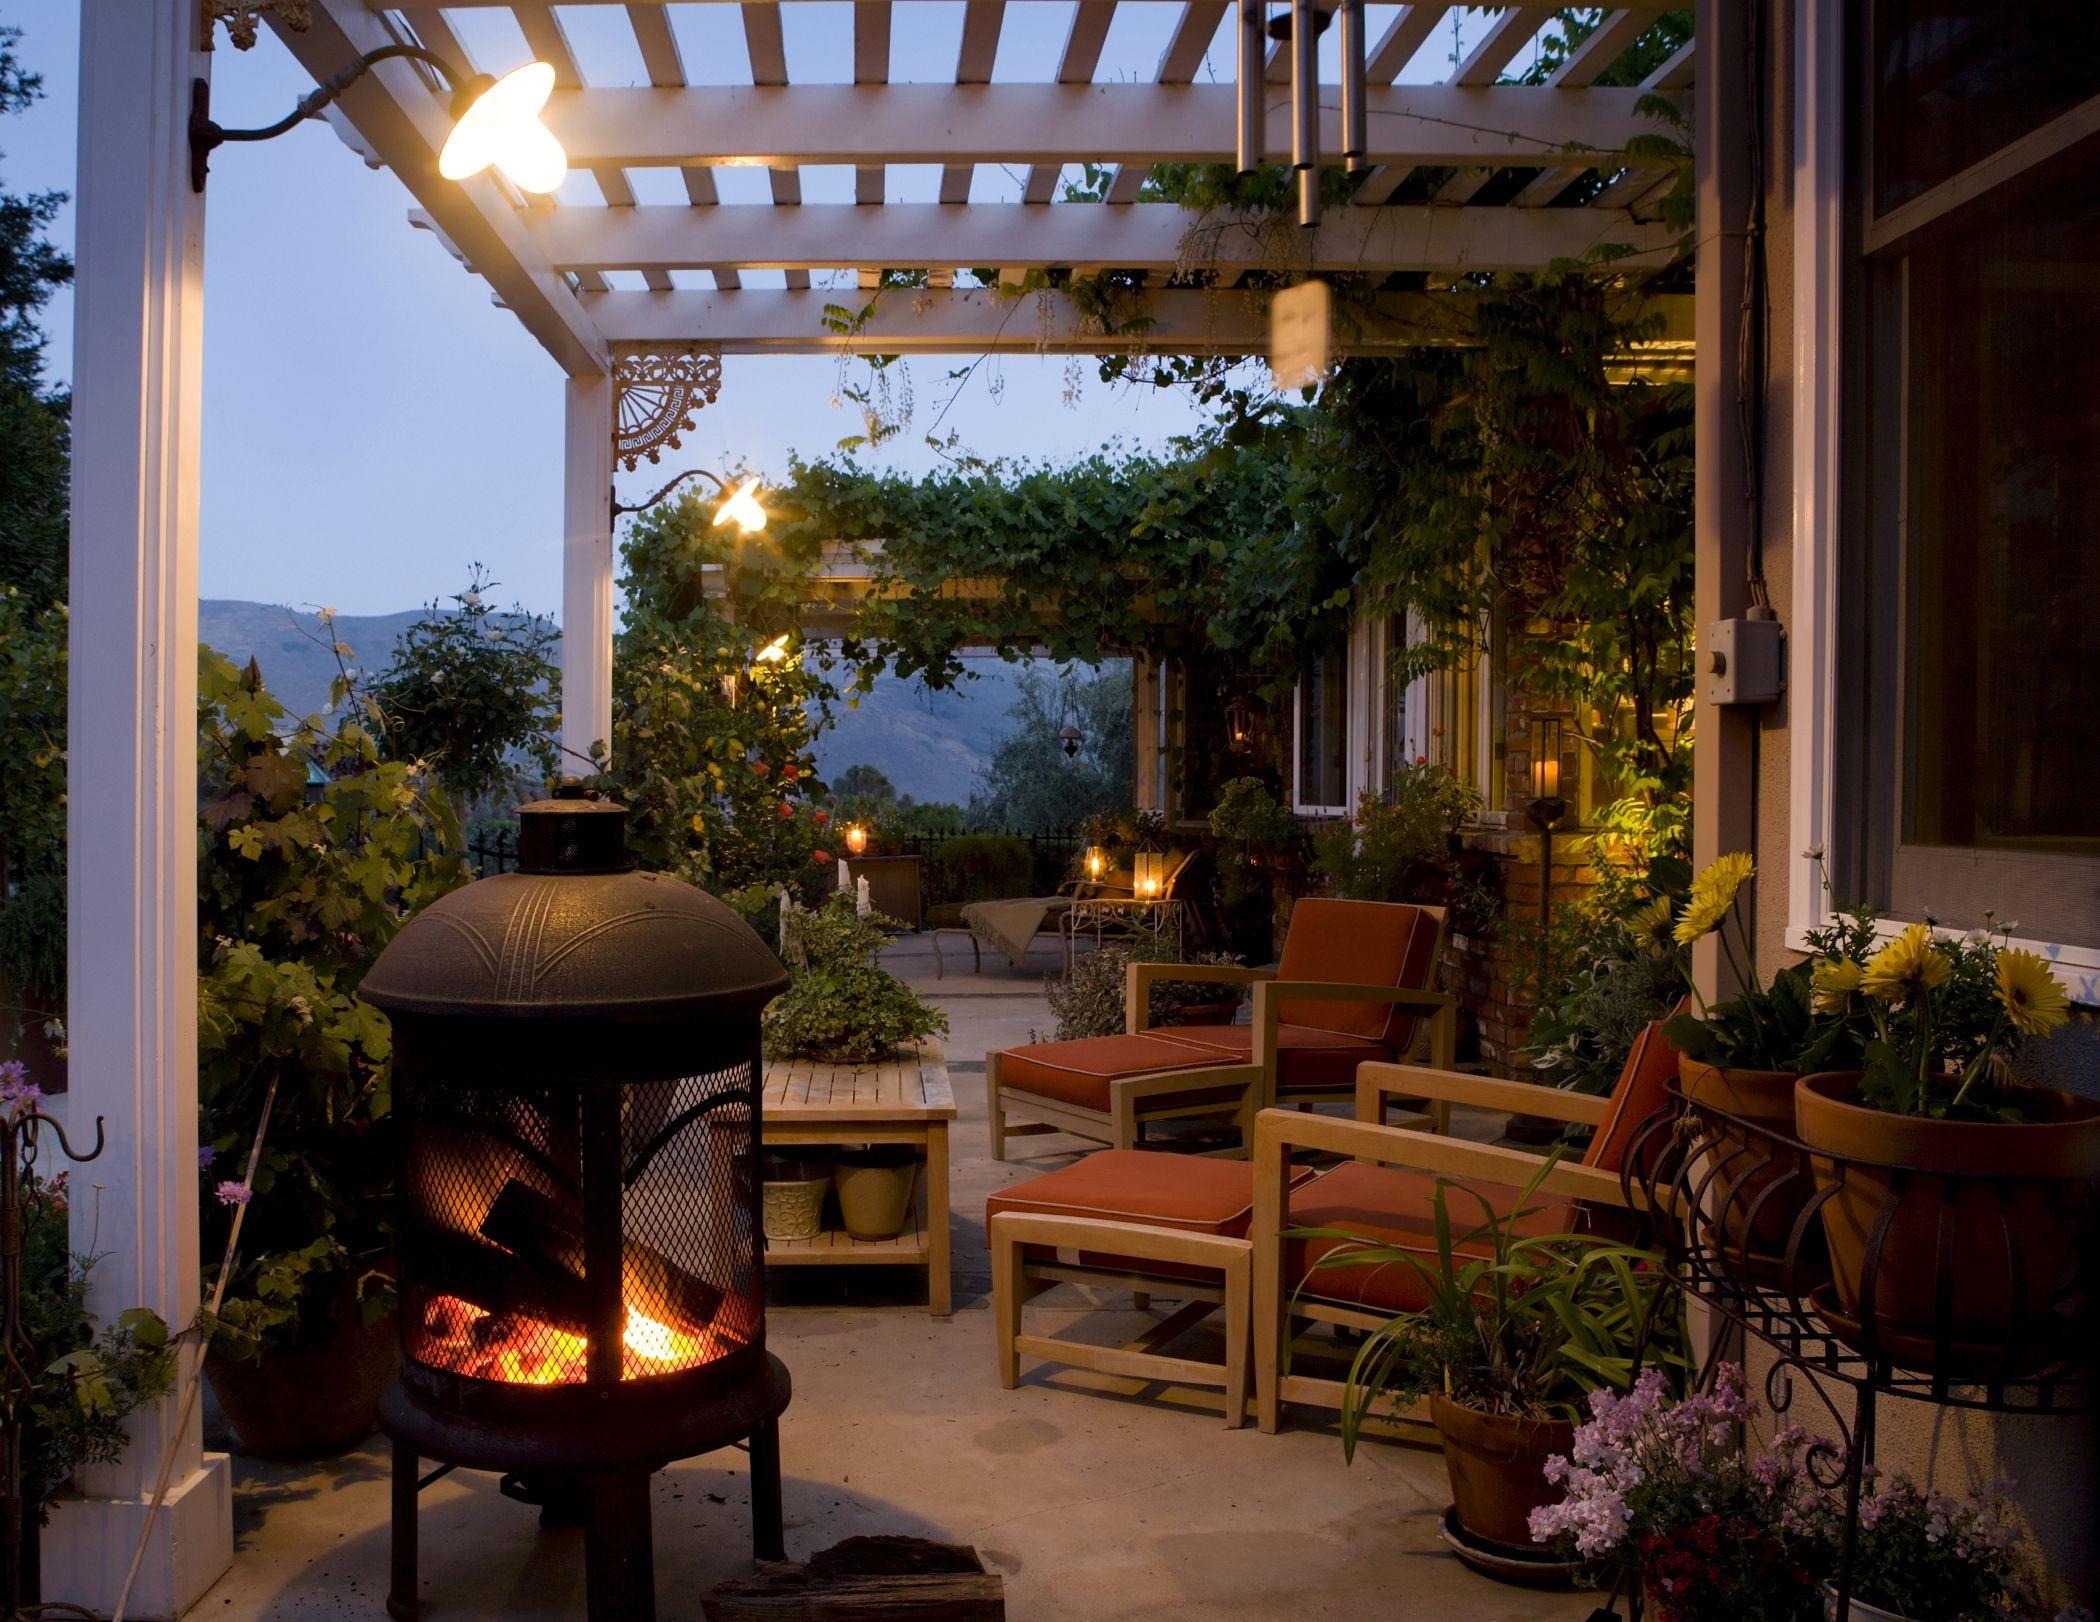 Equipamiento para la decoraci n de terrazas y jardines - Decoraciones de jardin ...